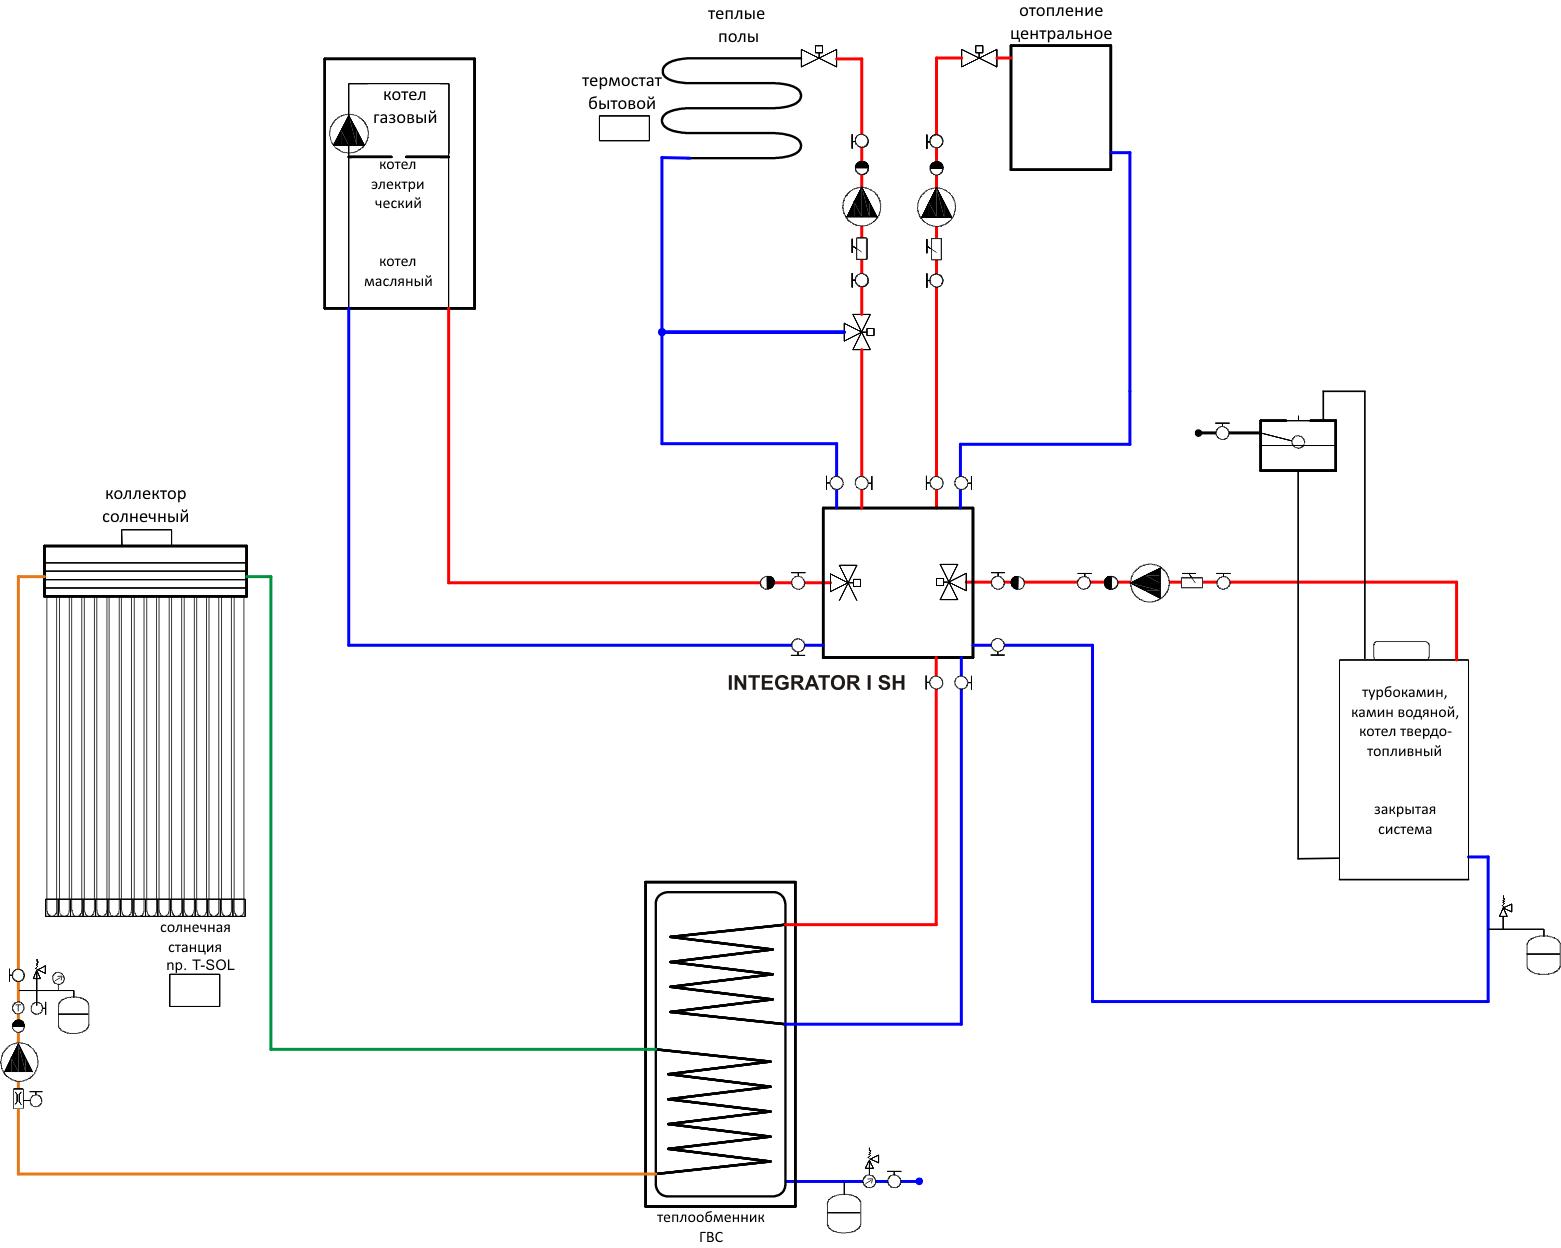 Принципиальная схема Интегратора I